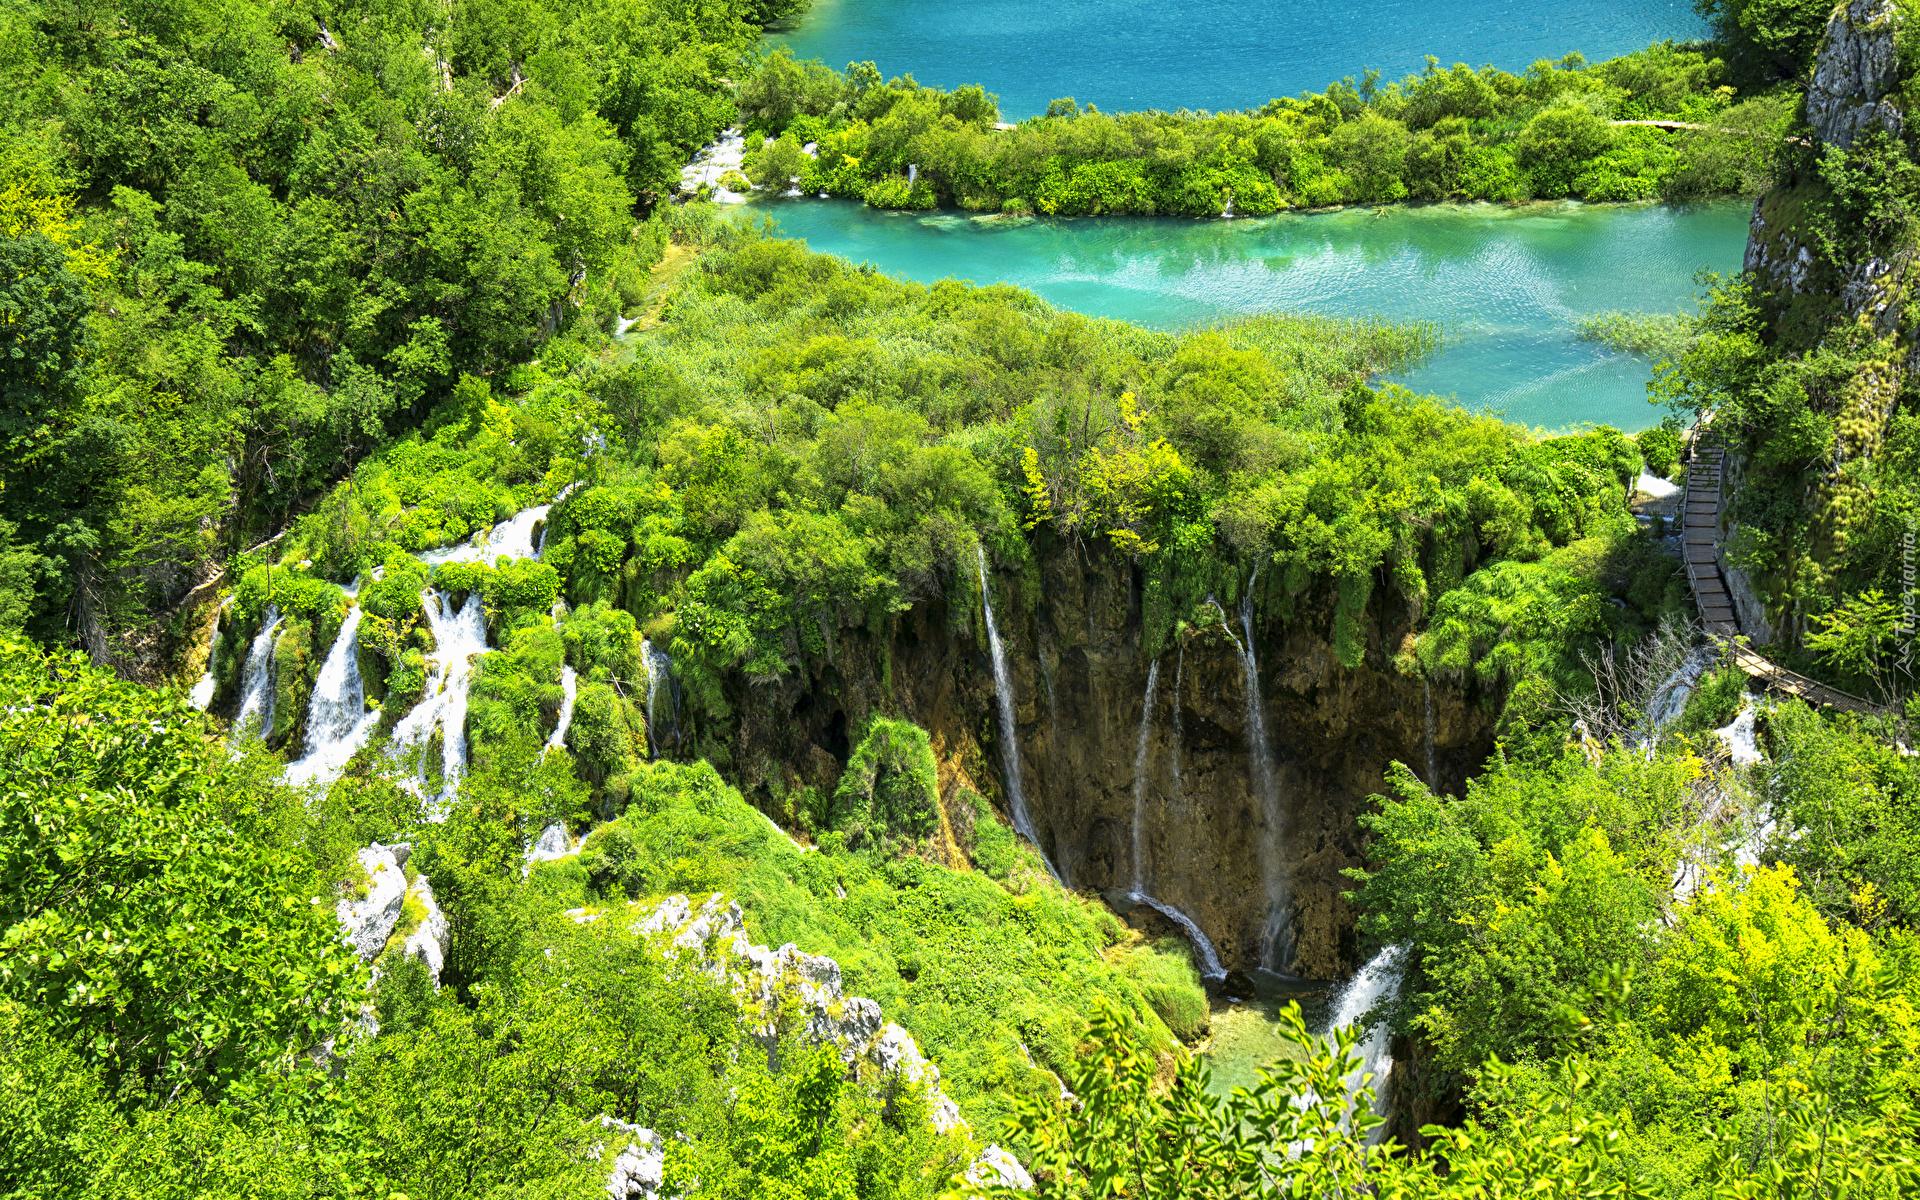 tapeta-wodospady-i-jeziora-w-parku-narodowym-jezior-plitwickich.jpg